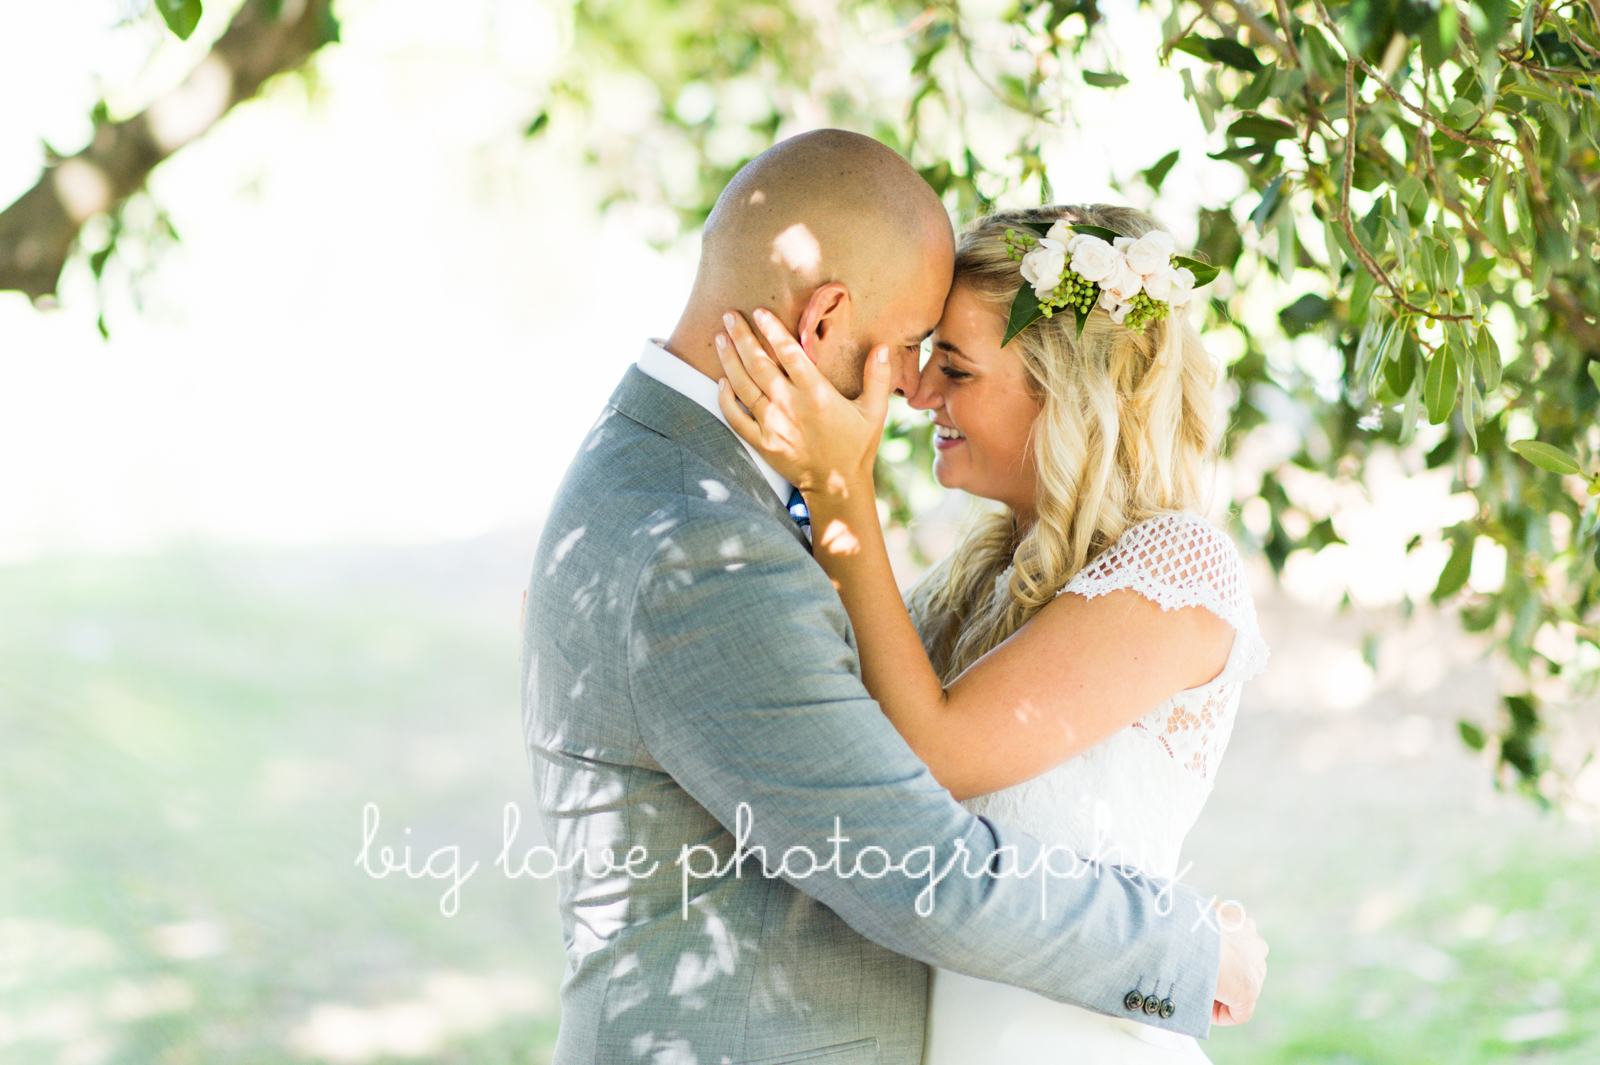 weddingphotographernsw-2005.jpg